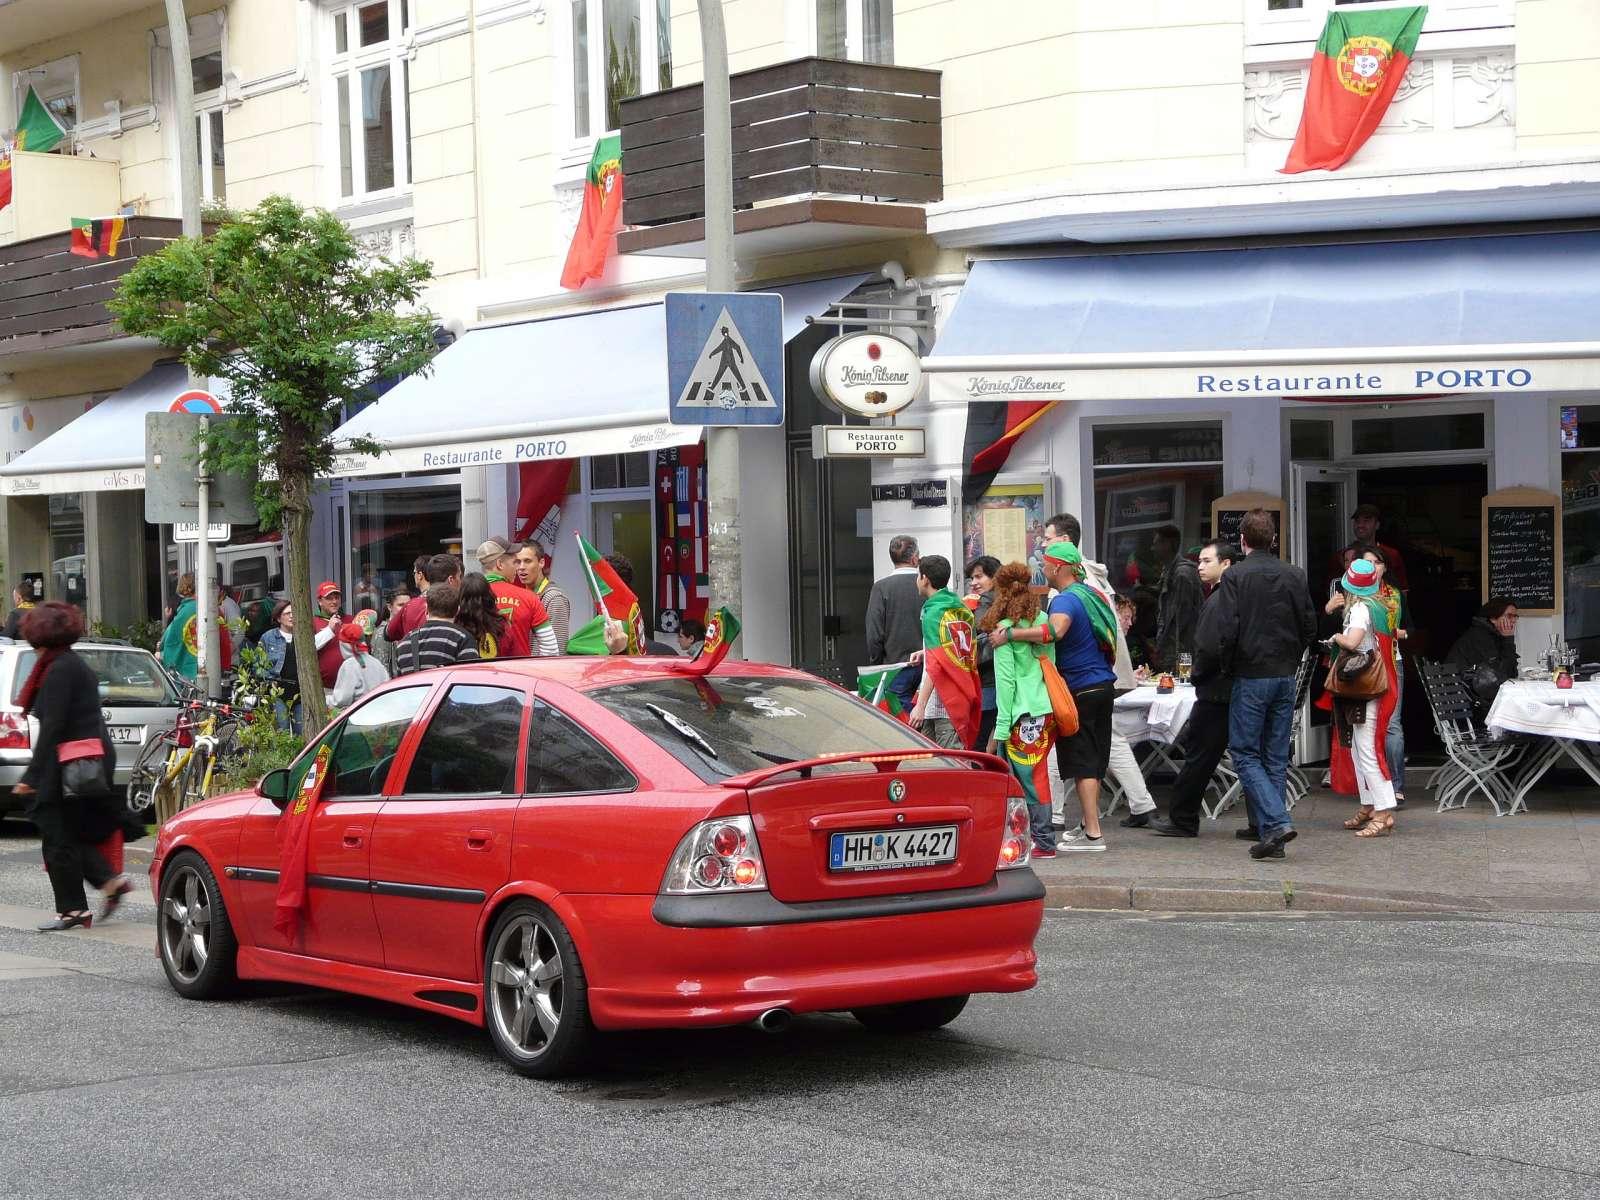 Portugiesenviertel (WM 2008) / Foto: Northside